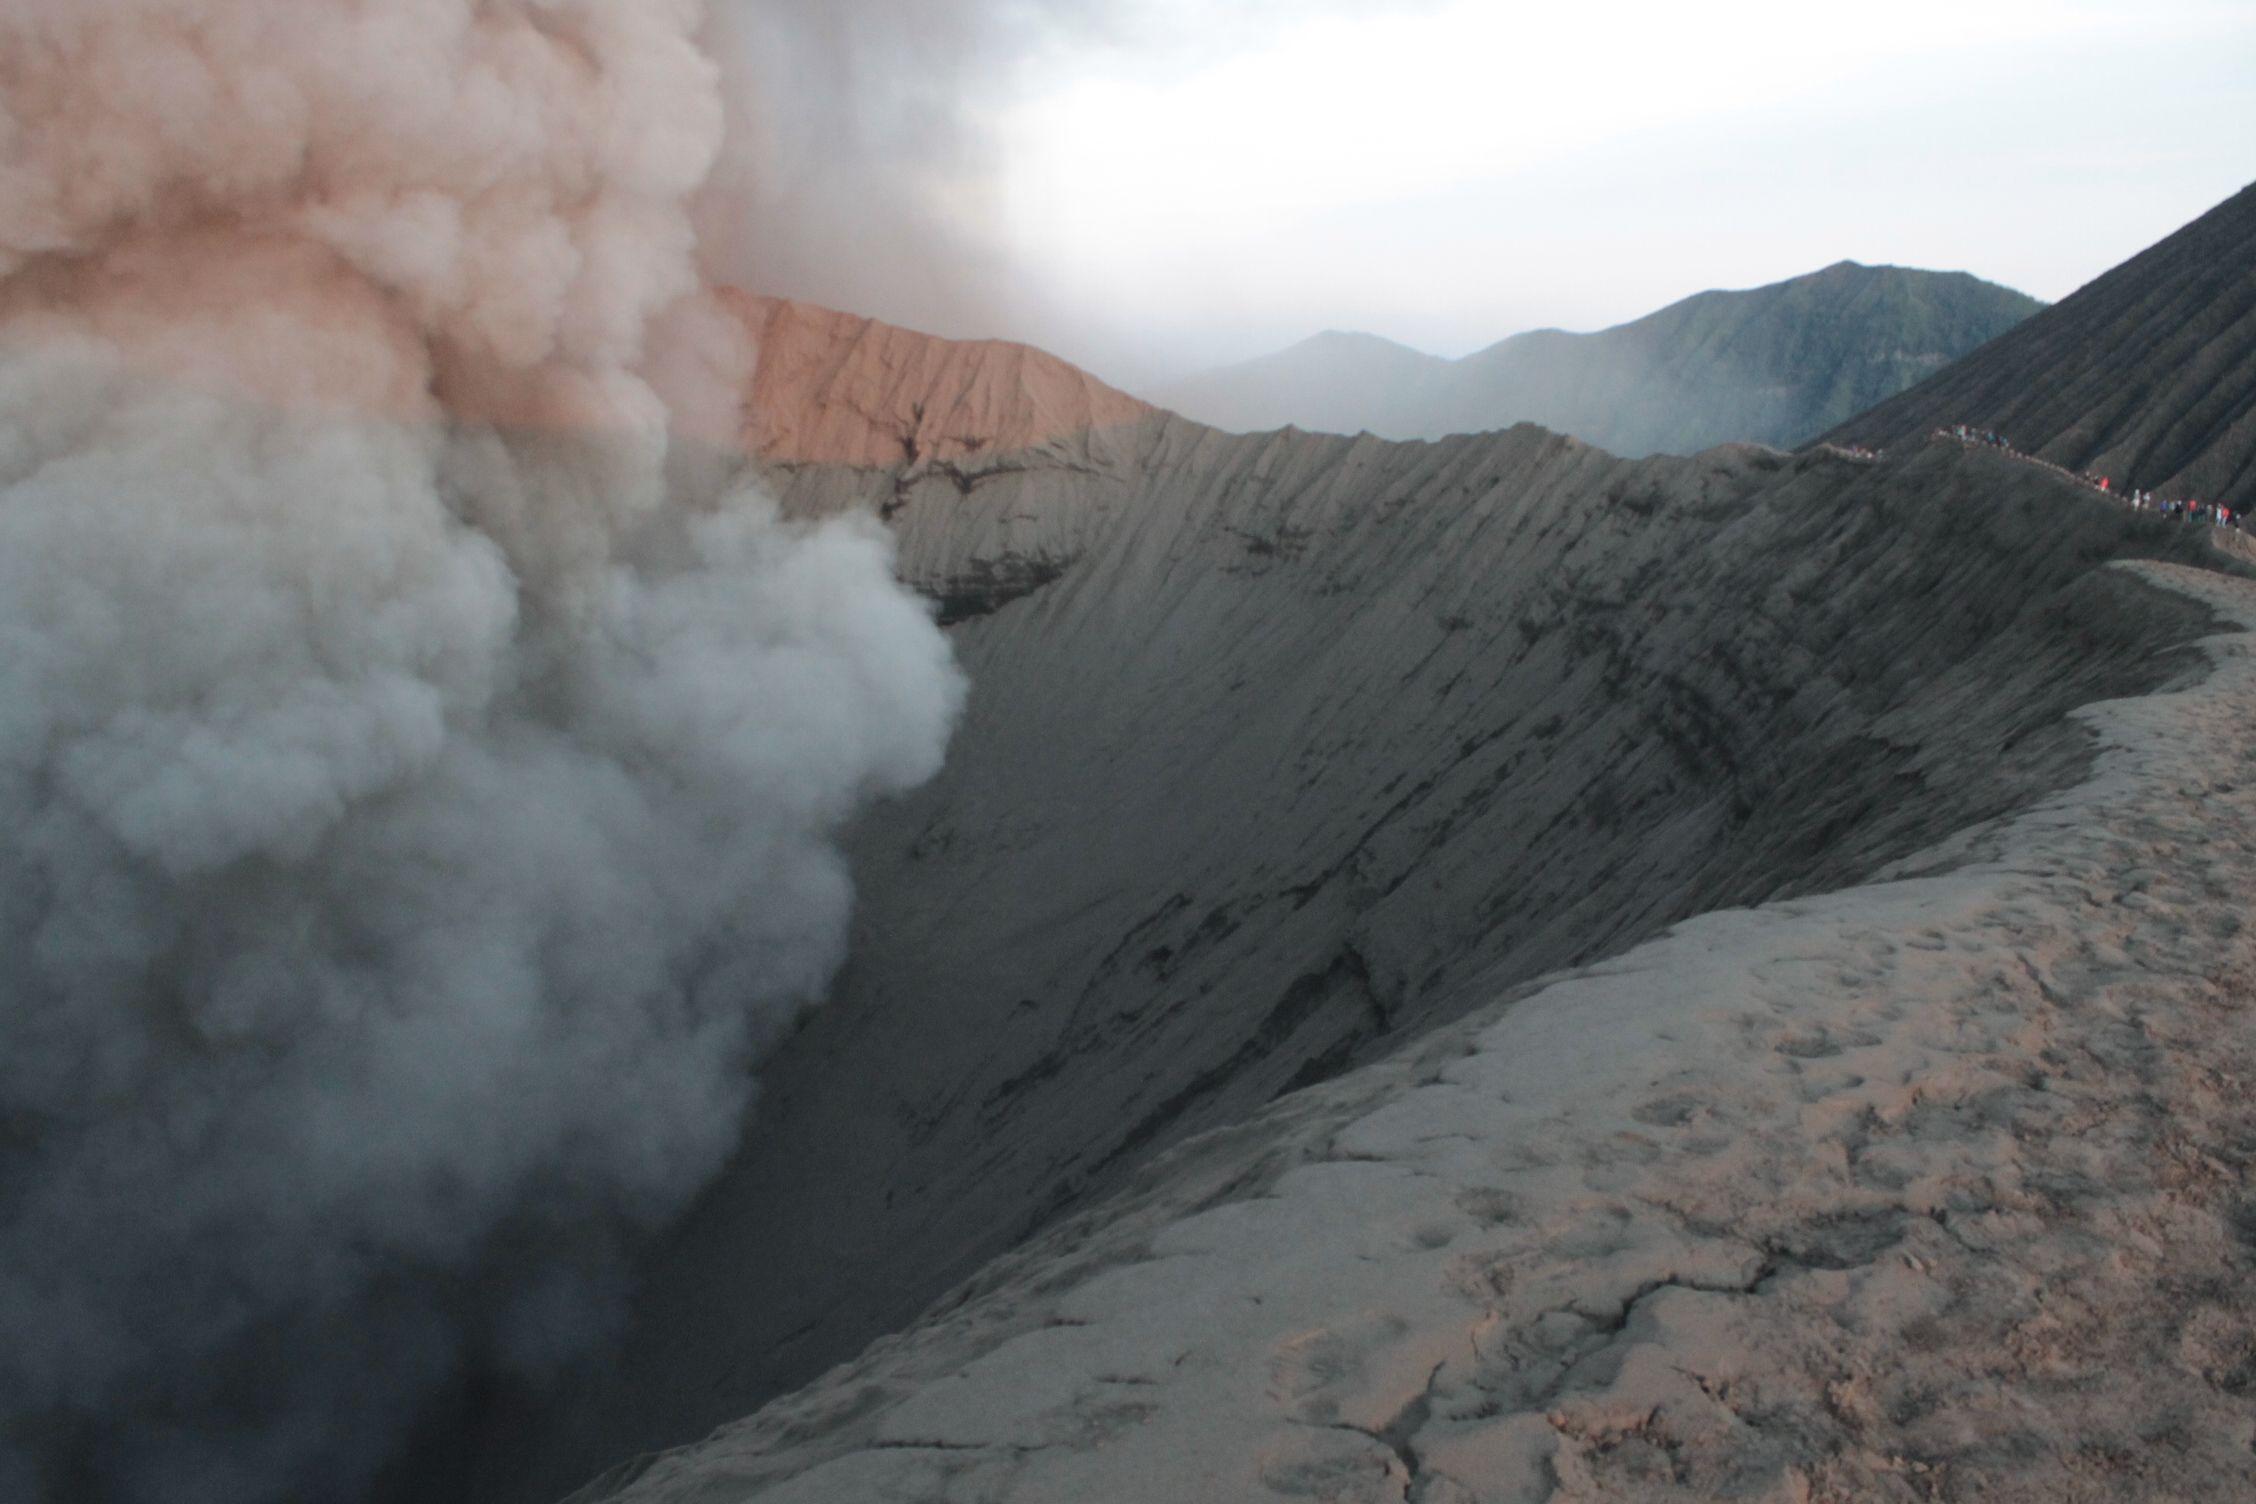 Humo en el crater del Bromo